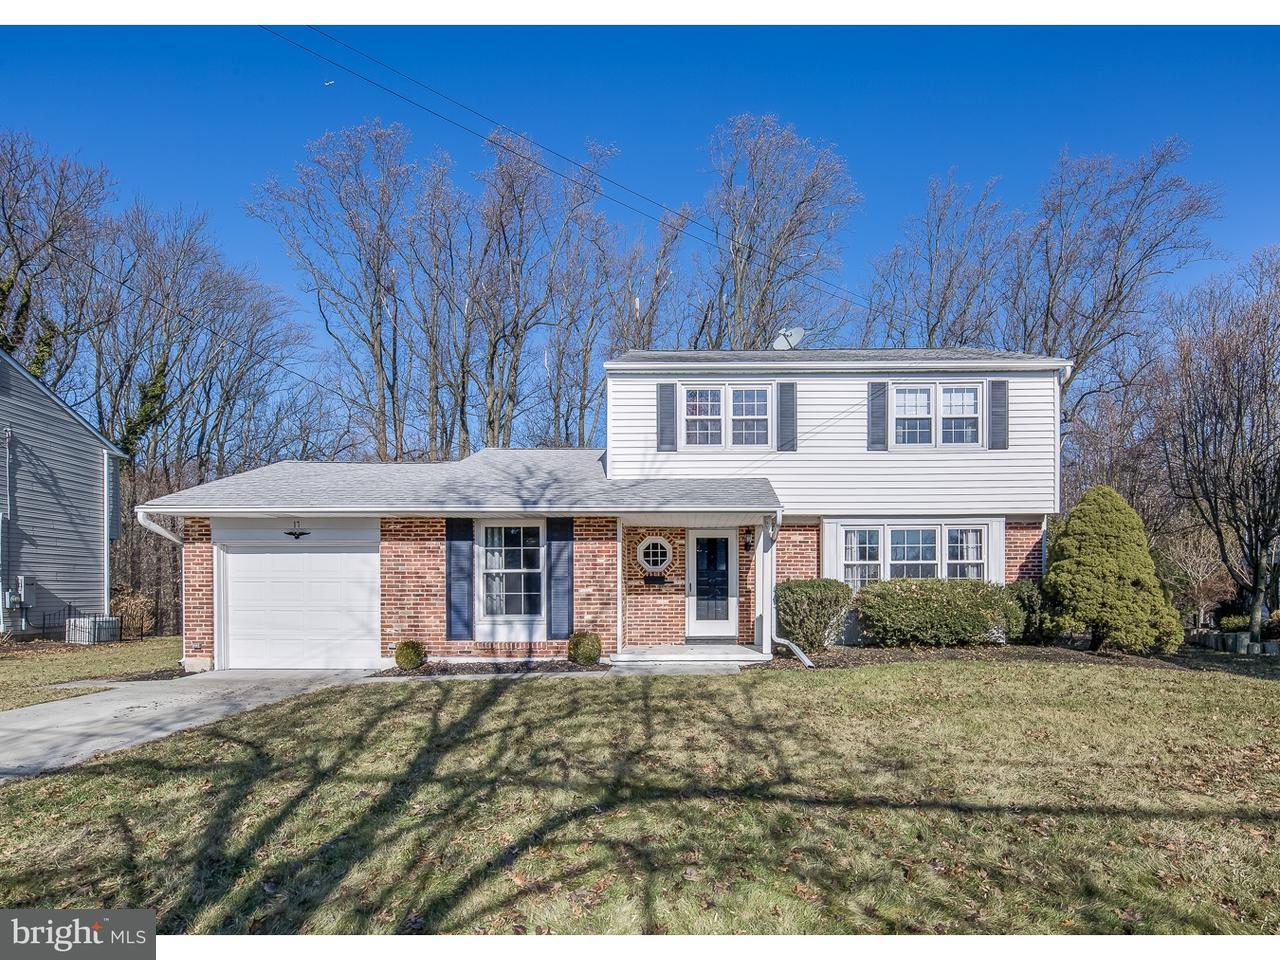 Частный односемейный дом для того Продажа на 17 PARKVIEW Road Stratford, Нью-Джерси 08084 Соединенные Штаты